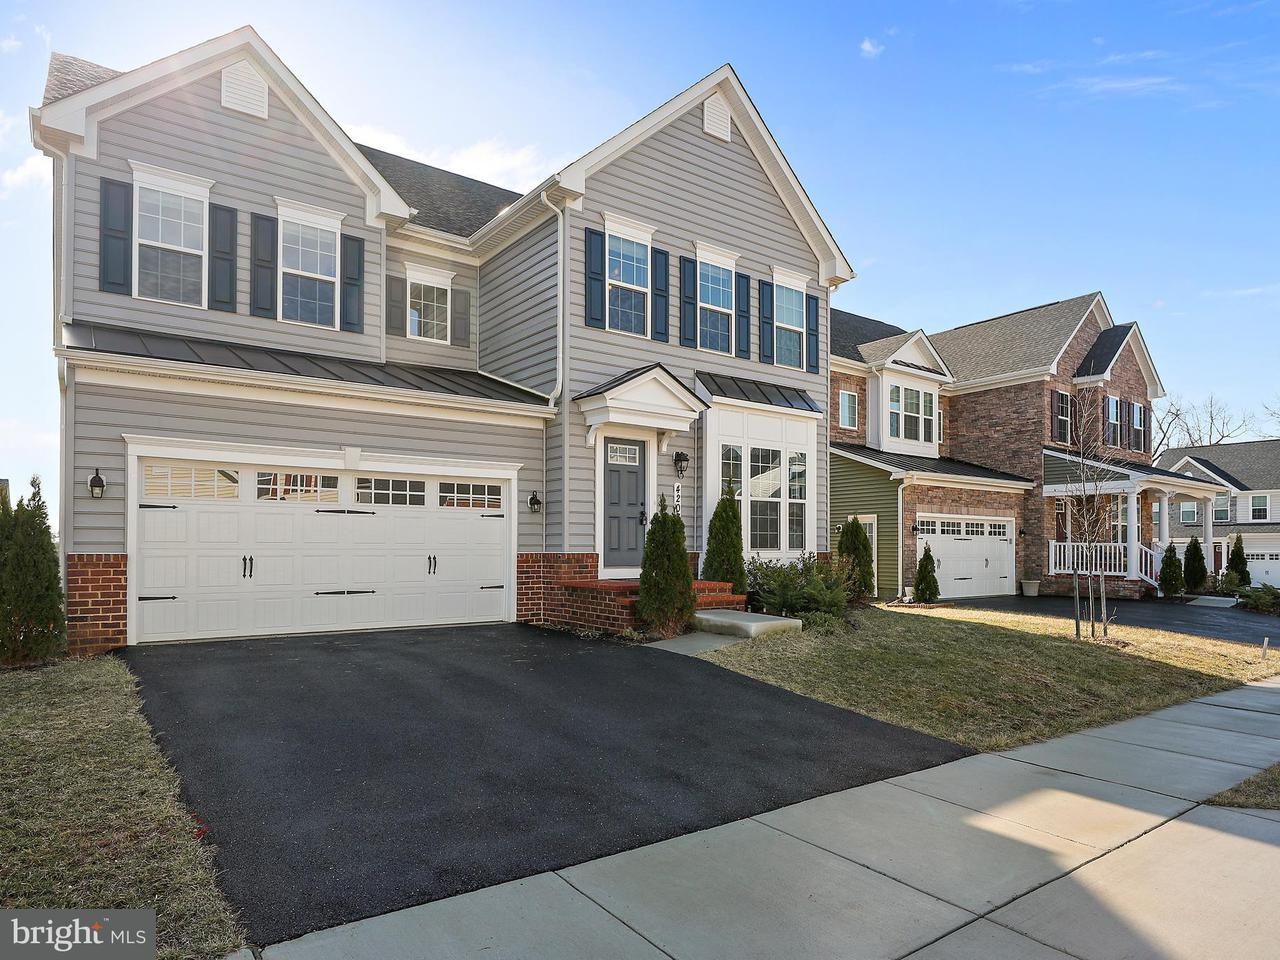 Μονοκατοικία για την Πώληση στο 4203 Camberwell Lane 4203 Camberwell Lane Burtonsville, Μεριλαντ 20866 Ηνωμενεσ Πολιτειεσ